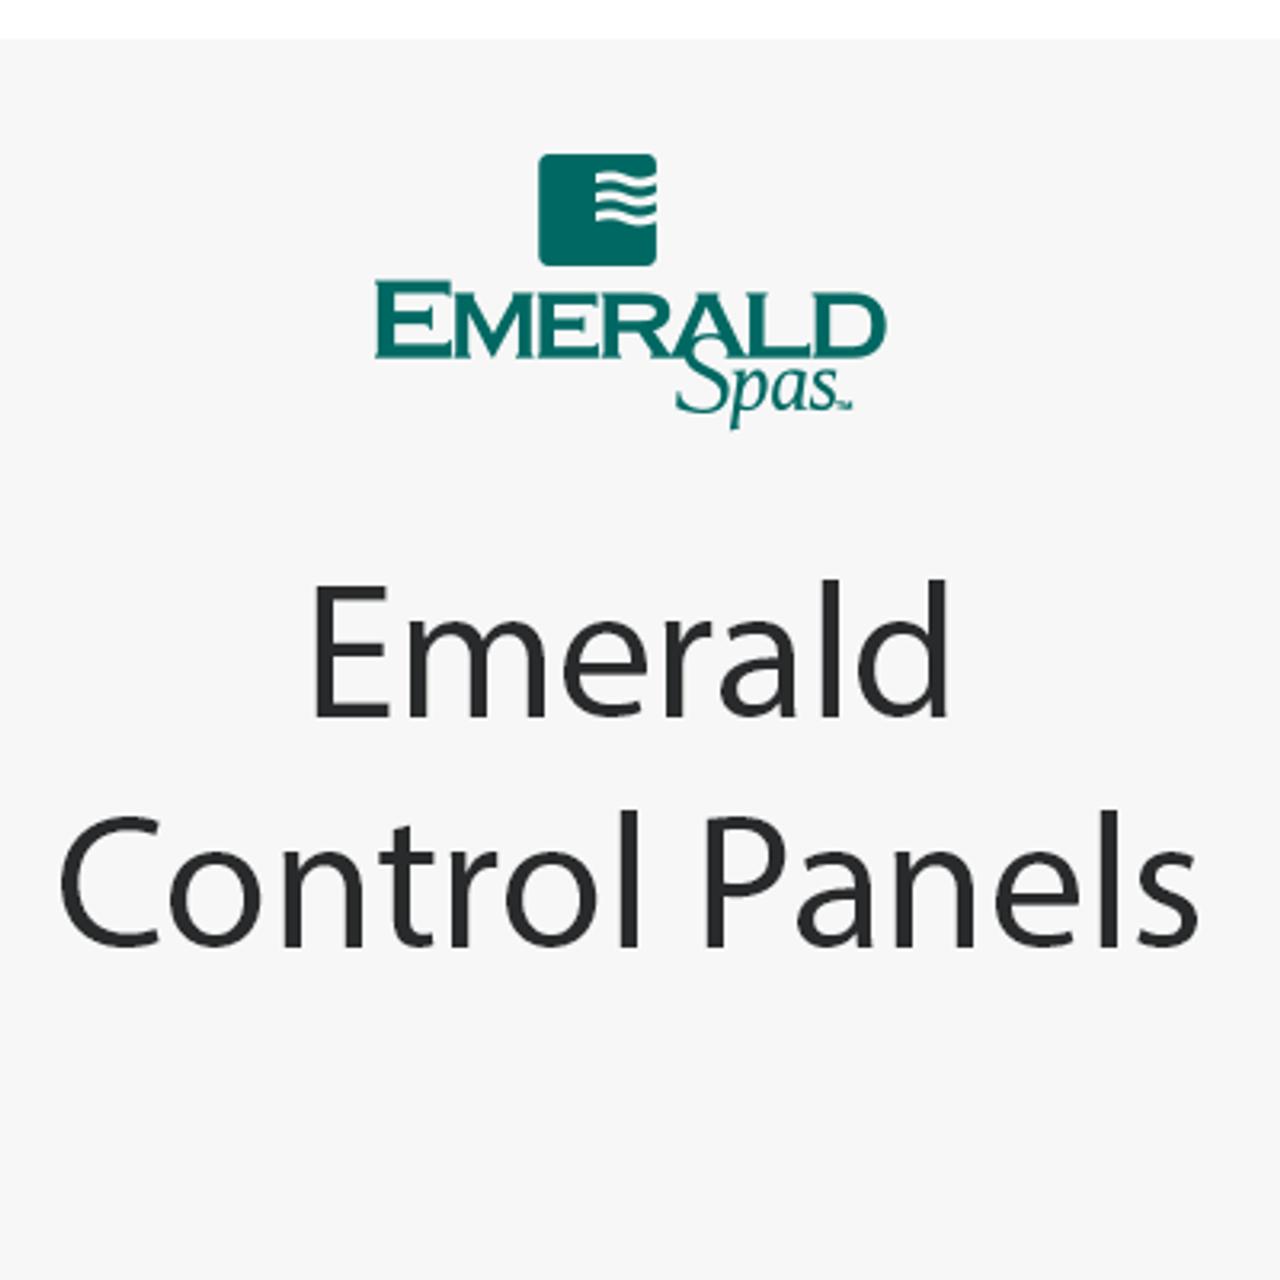 Emerald Spa Control Panels